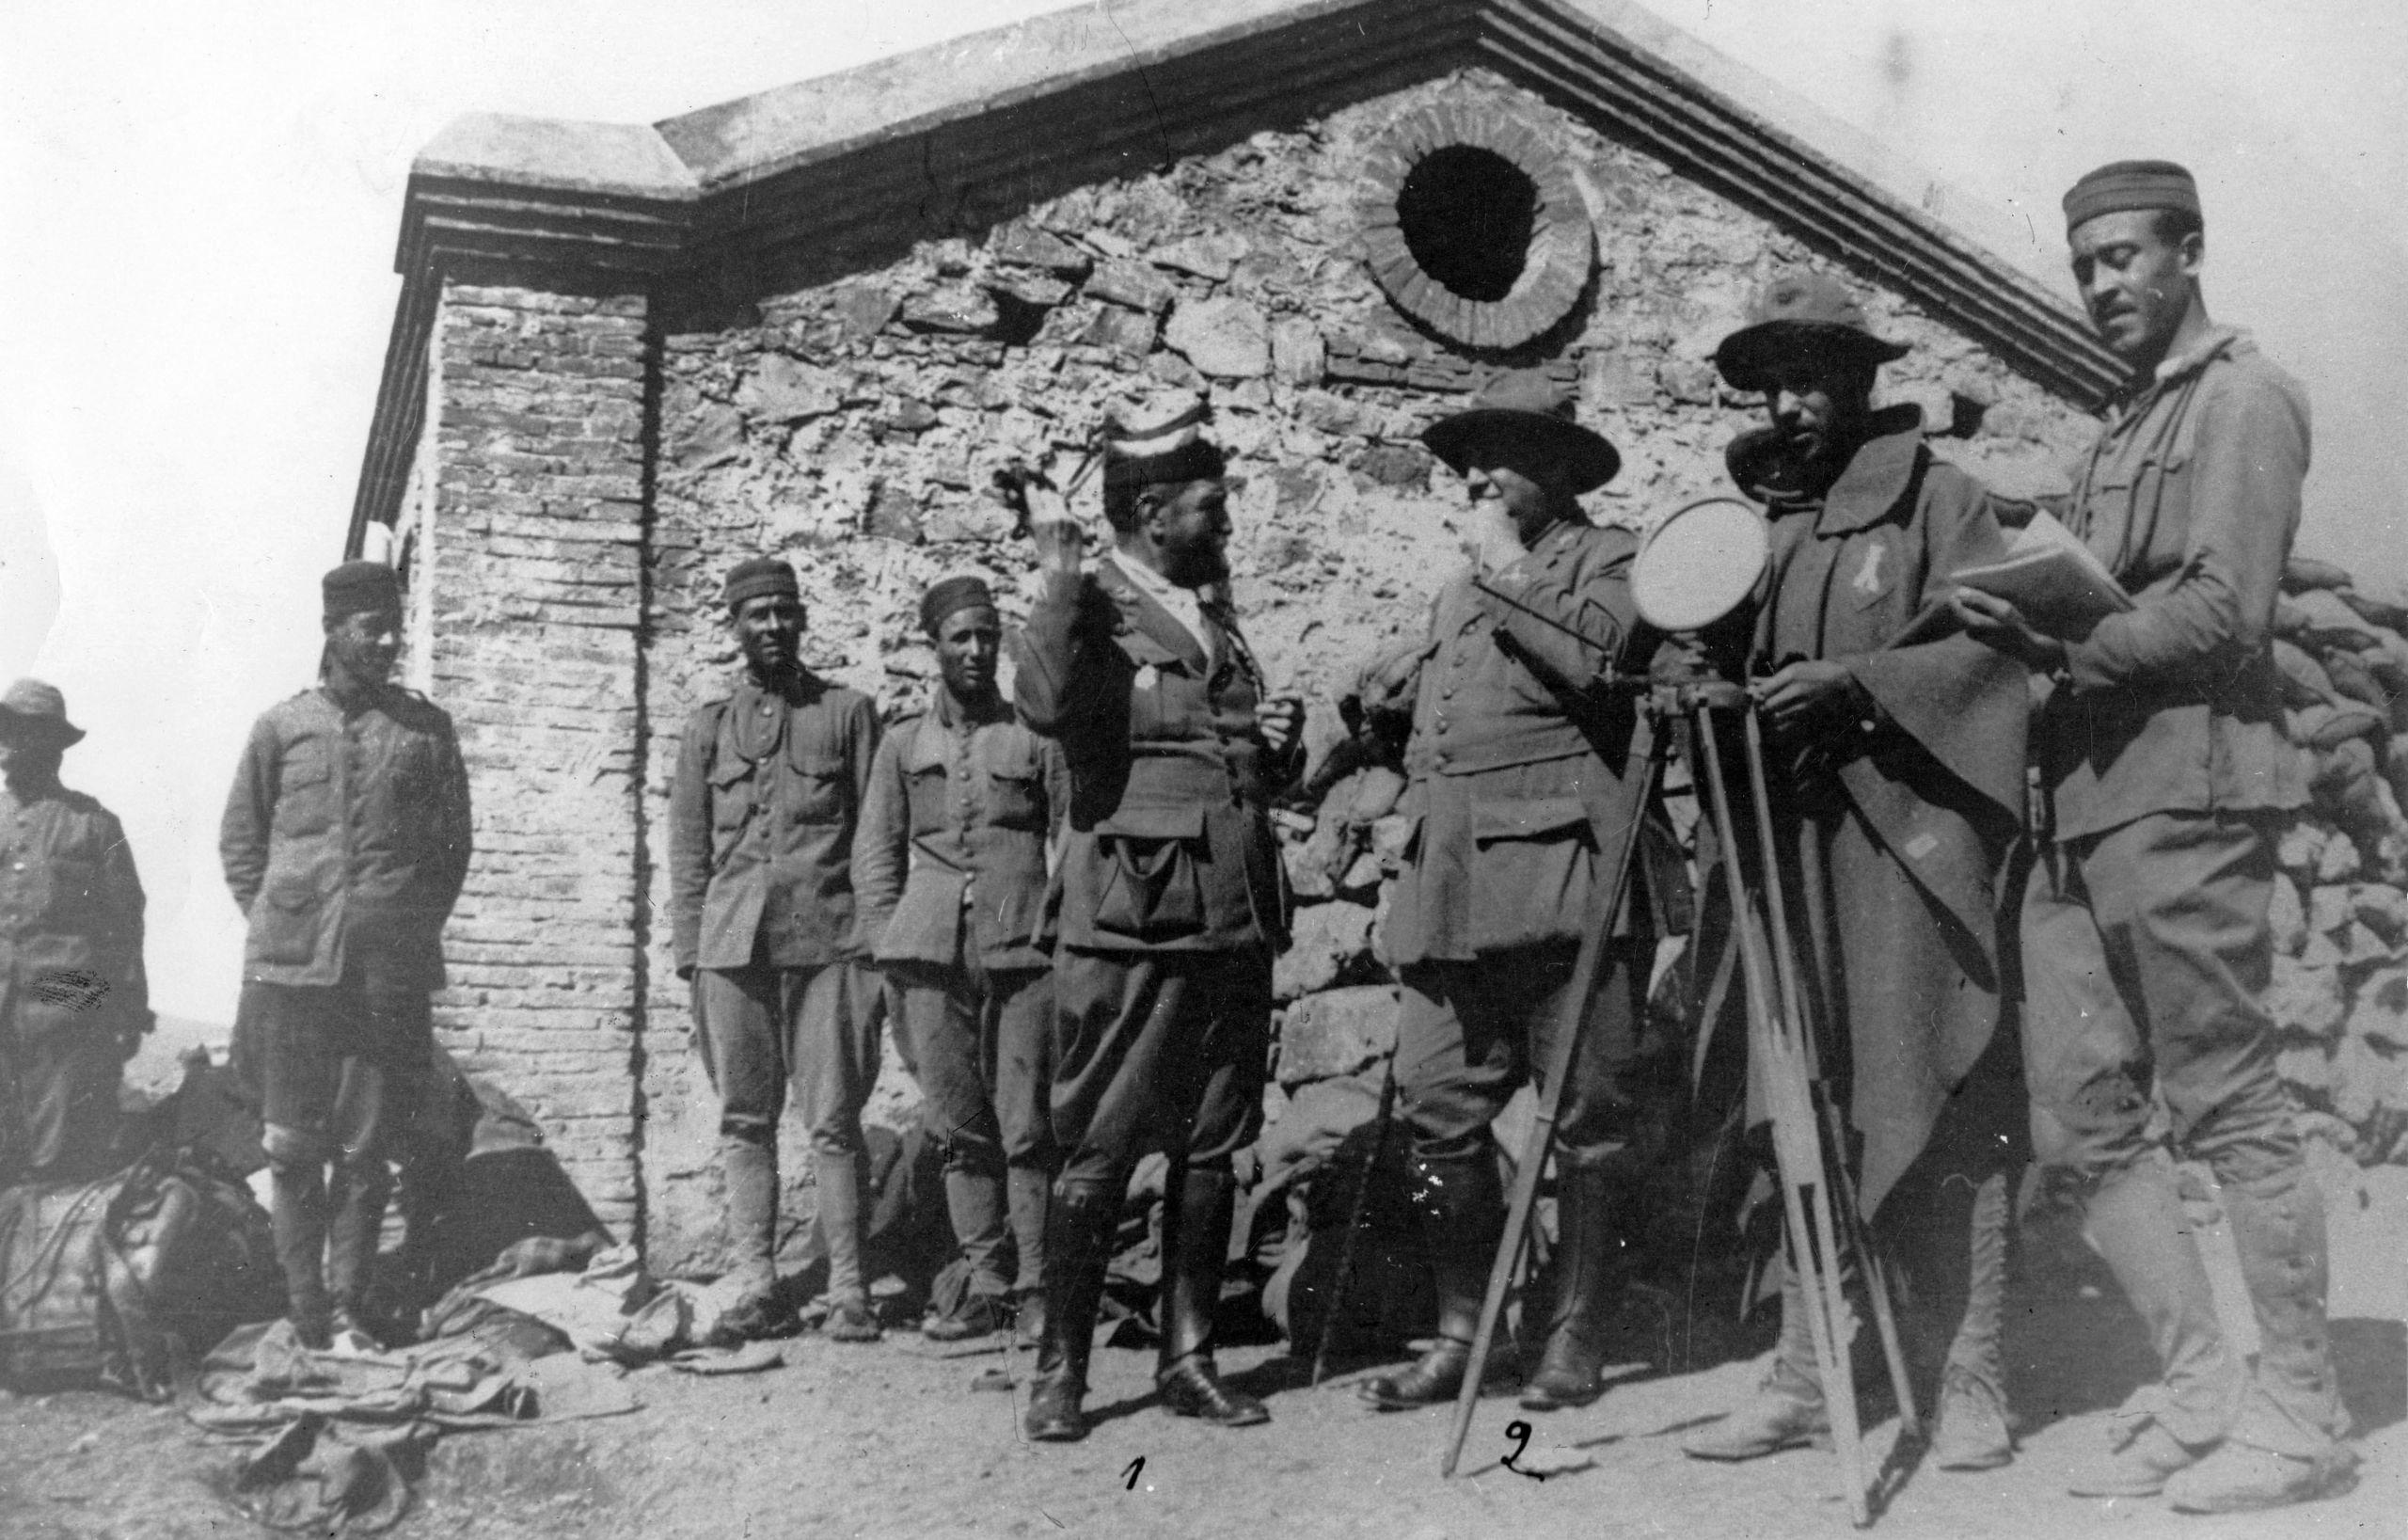 guerra-del-rif-colonel-navarro-y-frederico-berenguer-1924.jpg